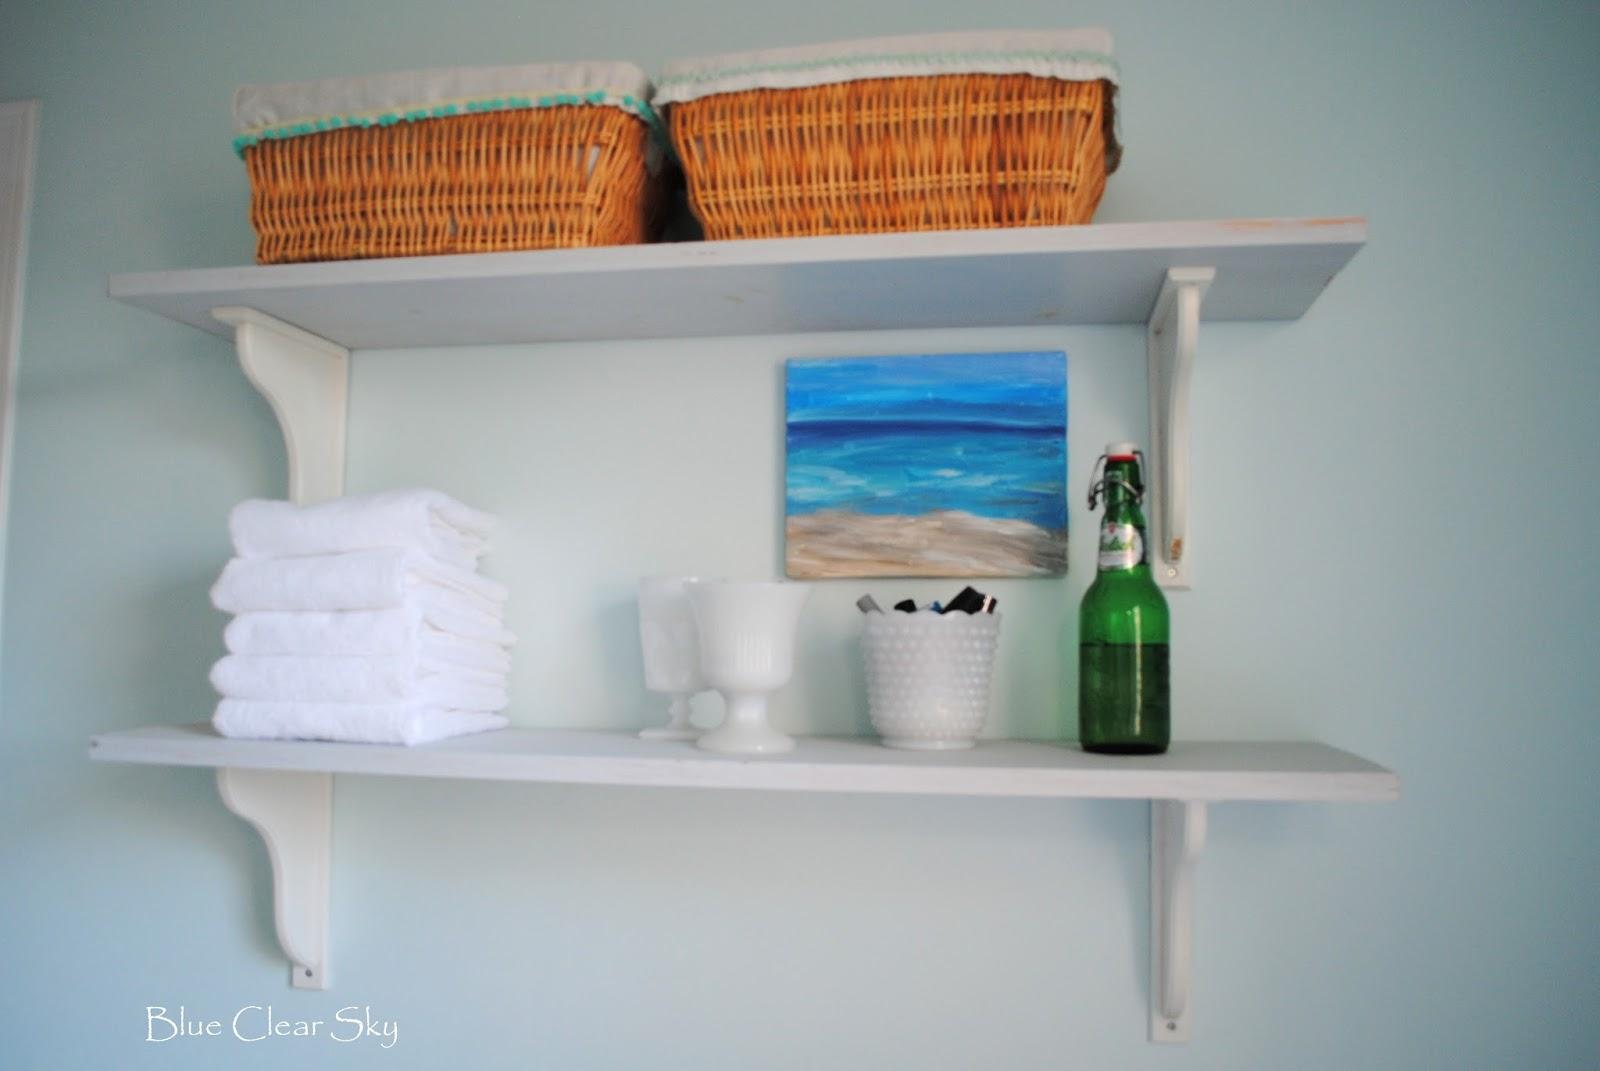 Bathroom Shelf Storage - Listitdallas